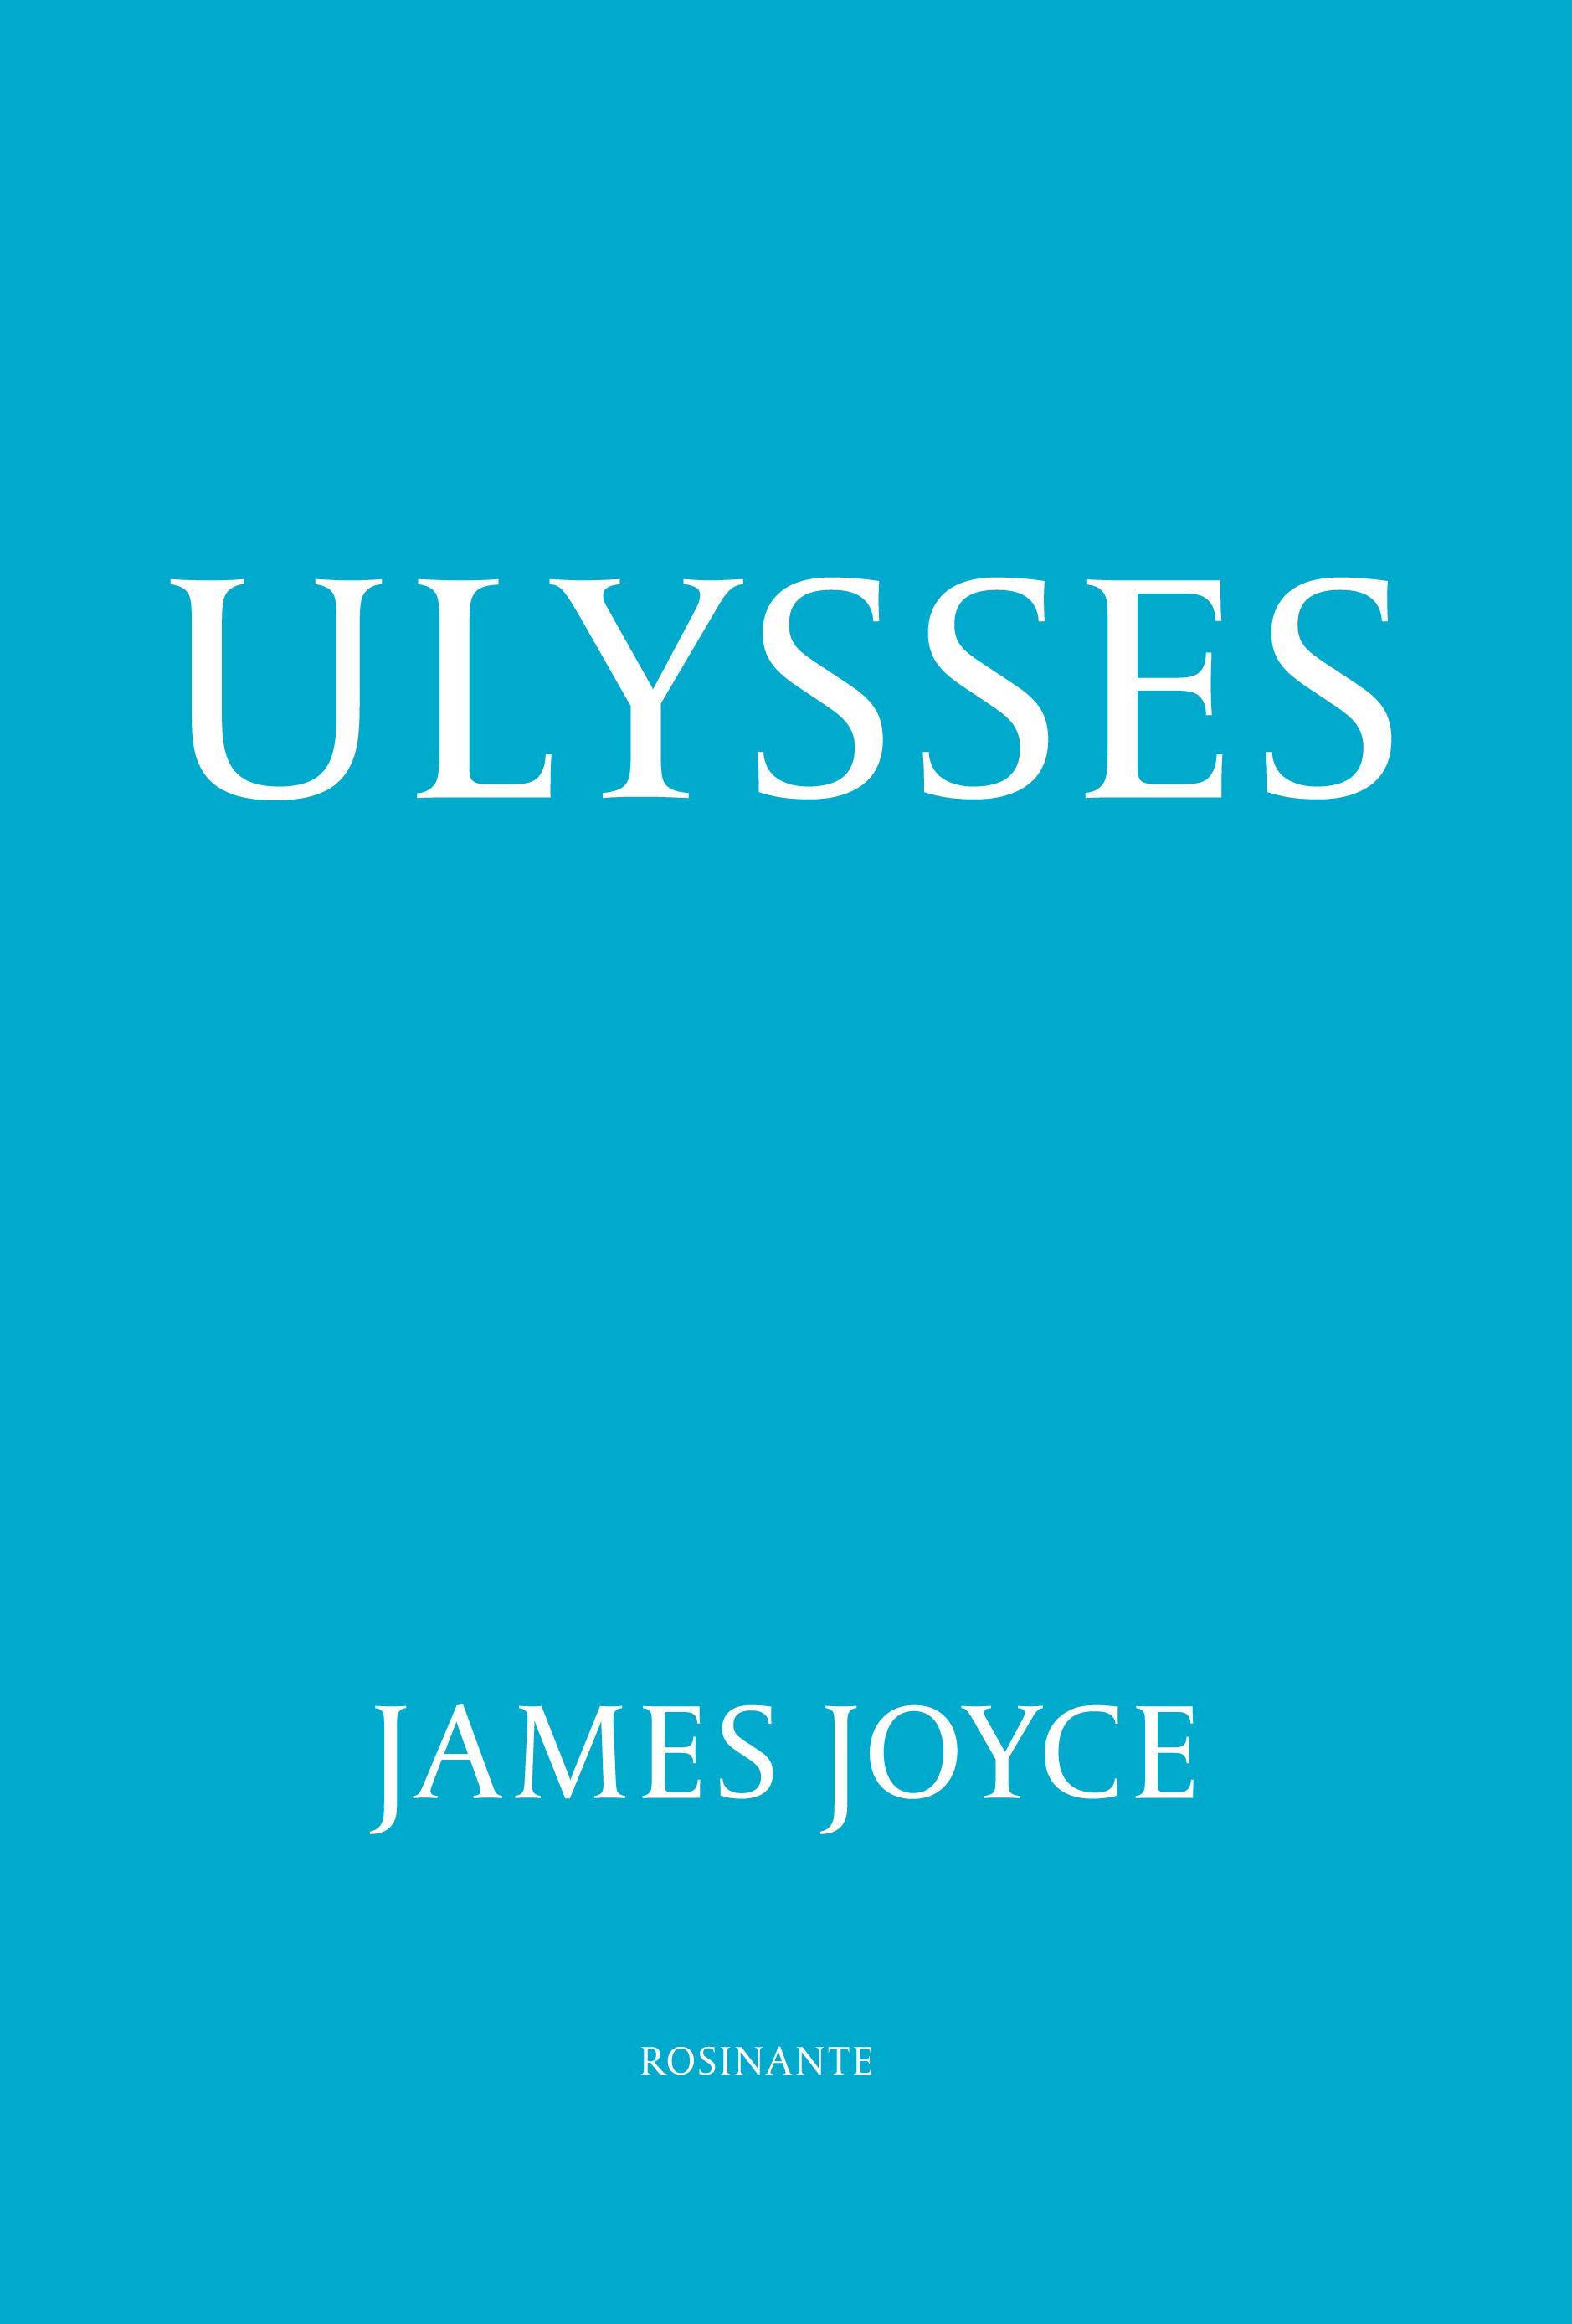 Joyce_Ulysses_final_300dpi